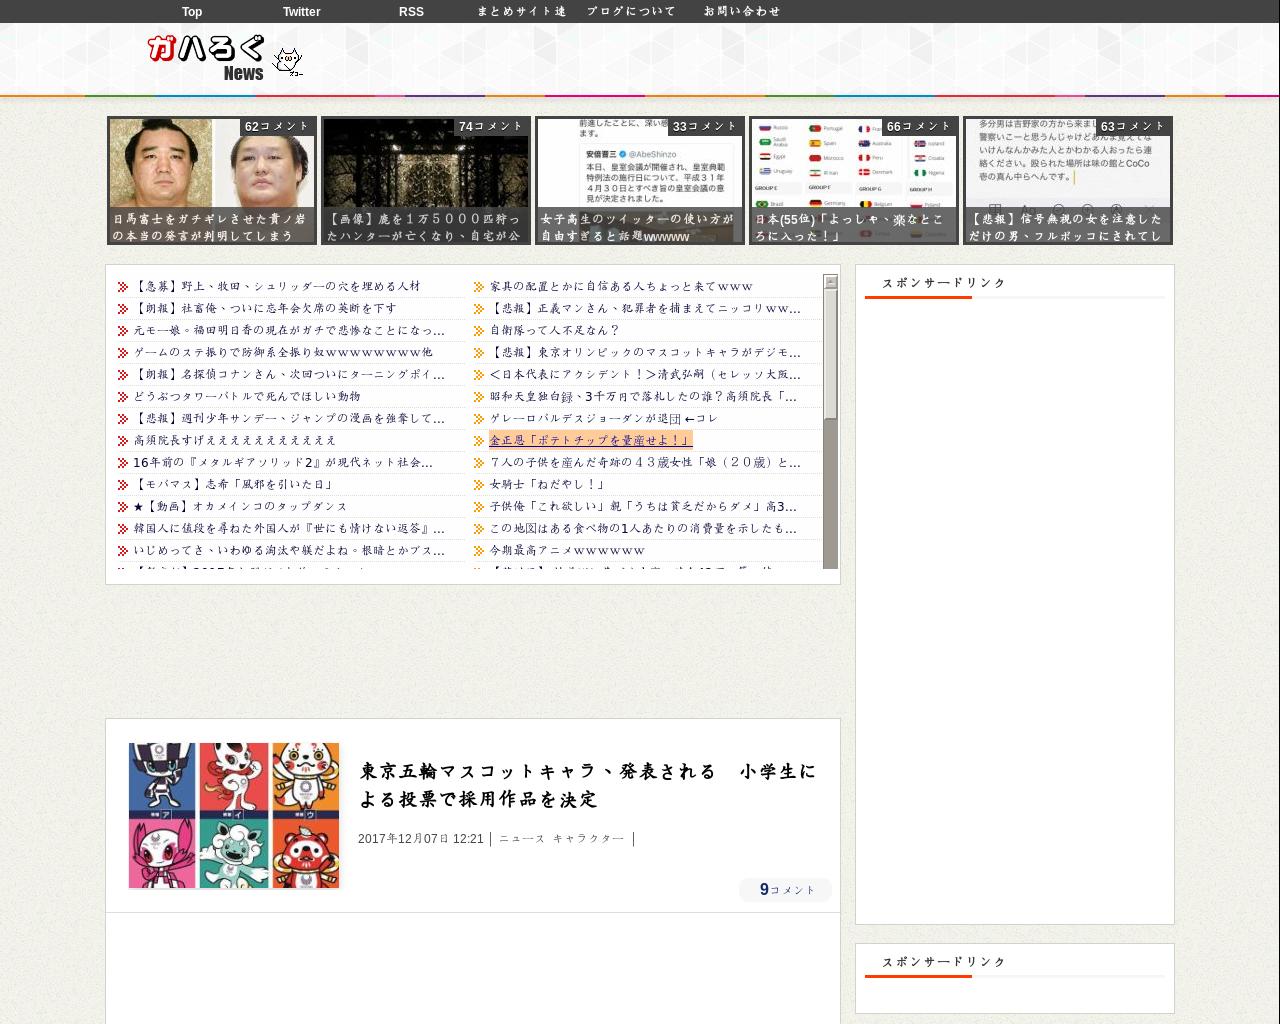 gahalog.2chblog.jp(2017/12/04 11:21:53)